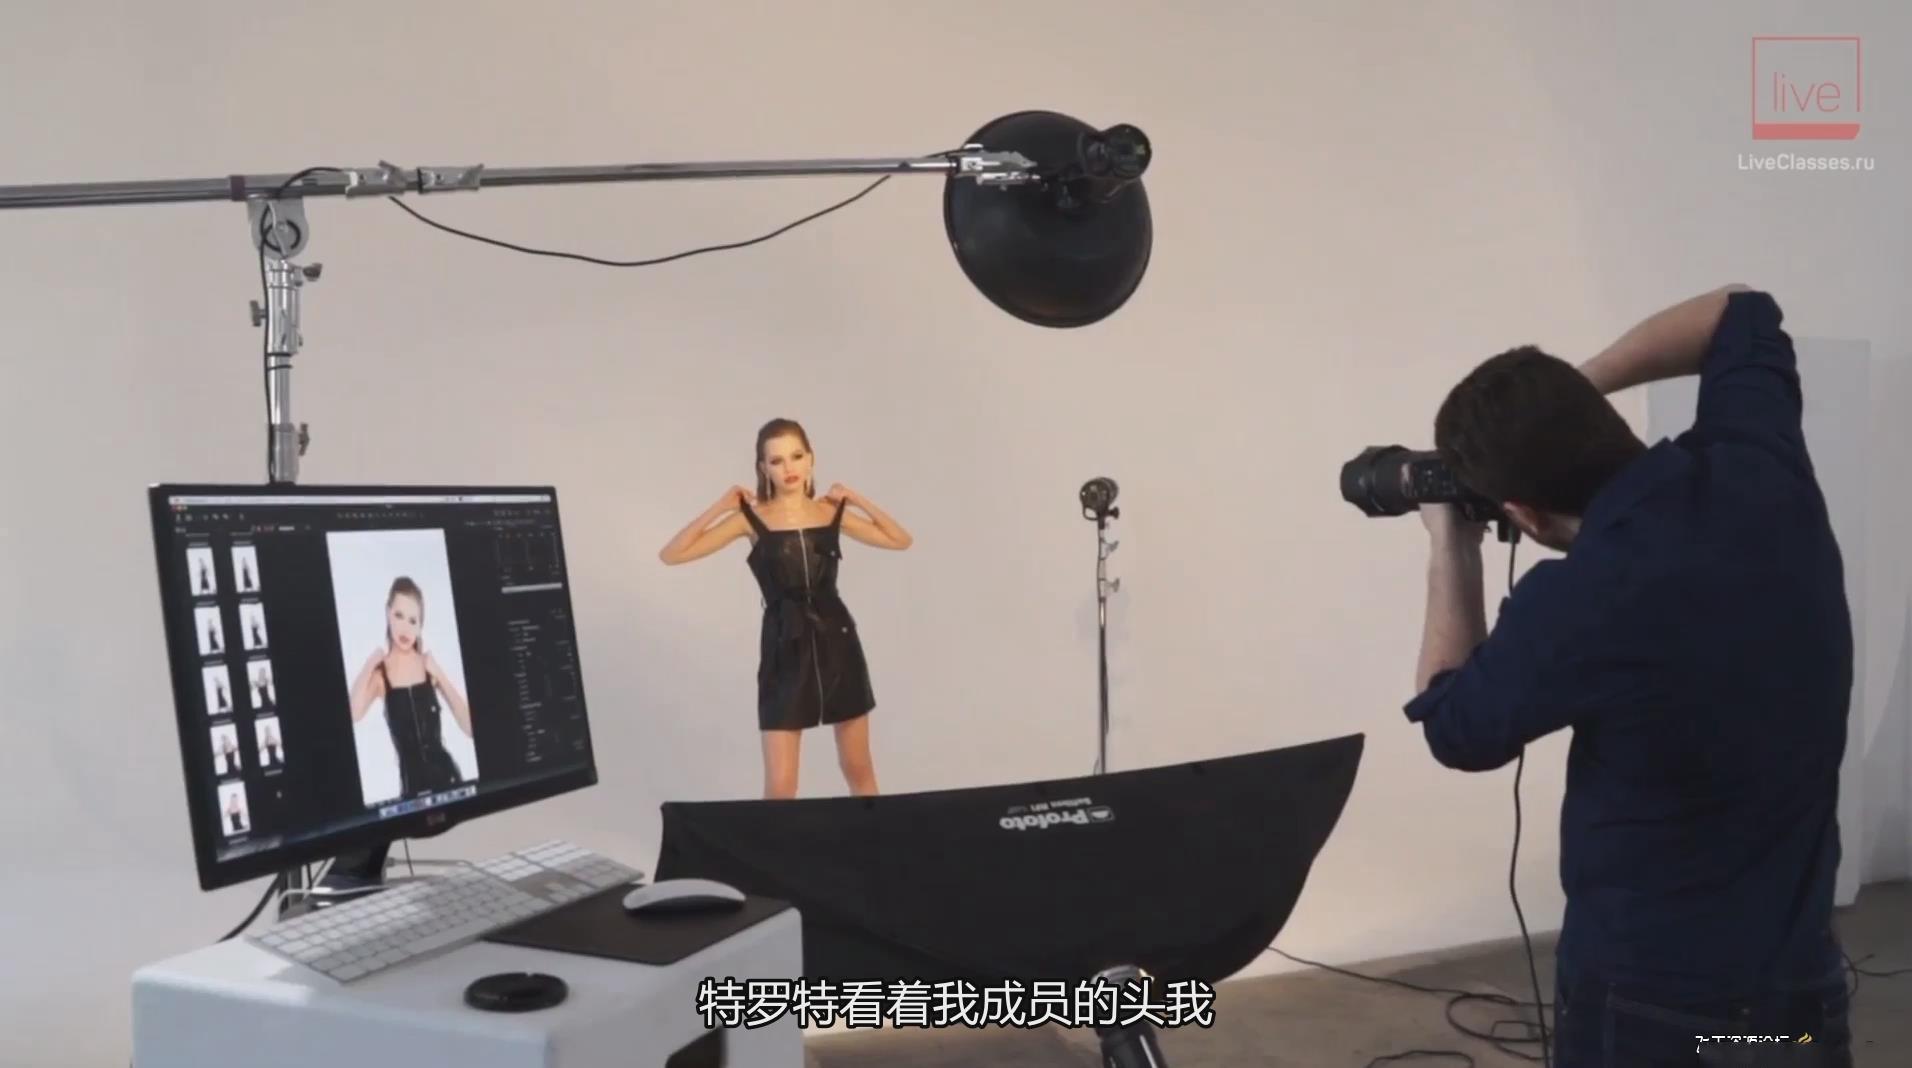 摄影教程_Liveclasses -Alexander Talyuka棚拍时尚杂志人像布光教程-中文字幕 摄影教程 _预览图10